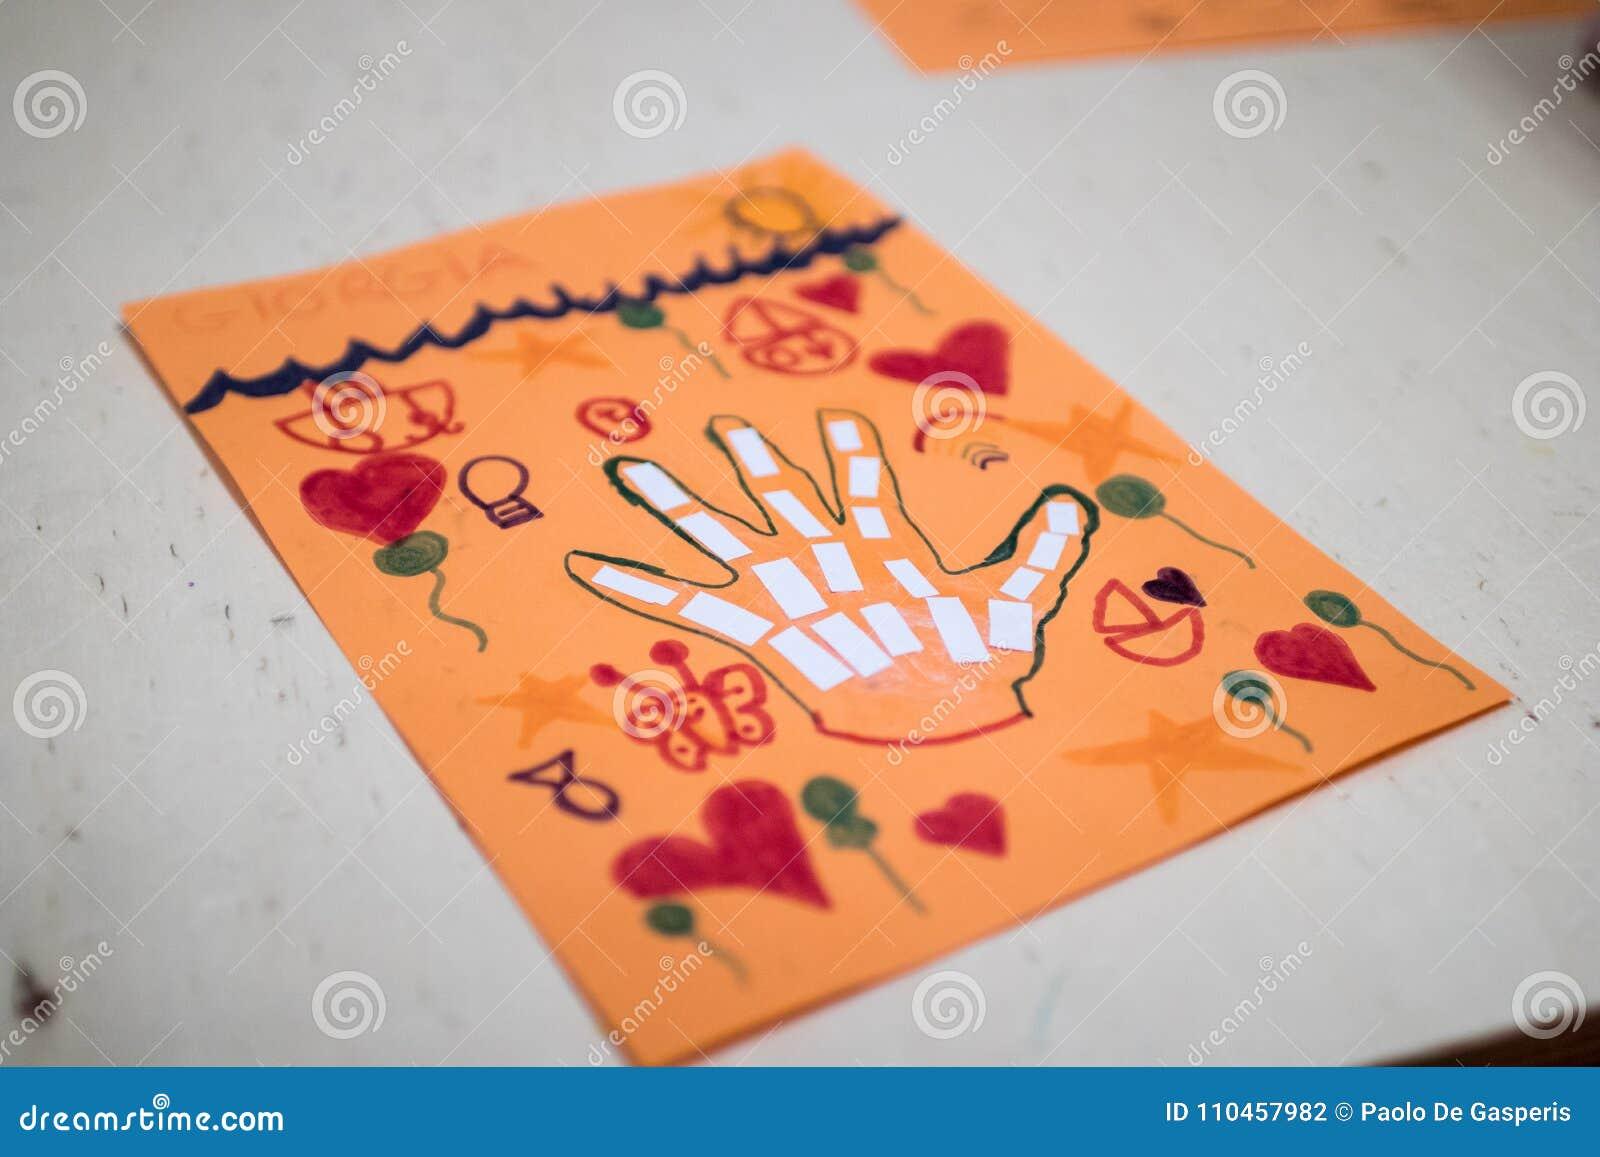 Activité scientifique pour les enfants, le dessin et le collage de la fève